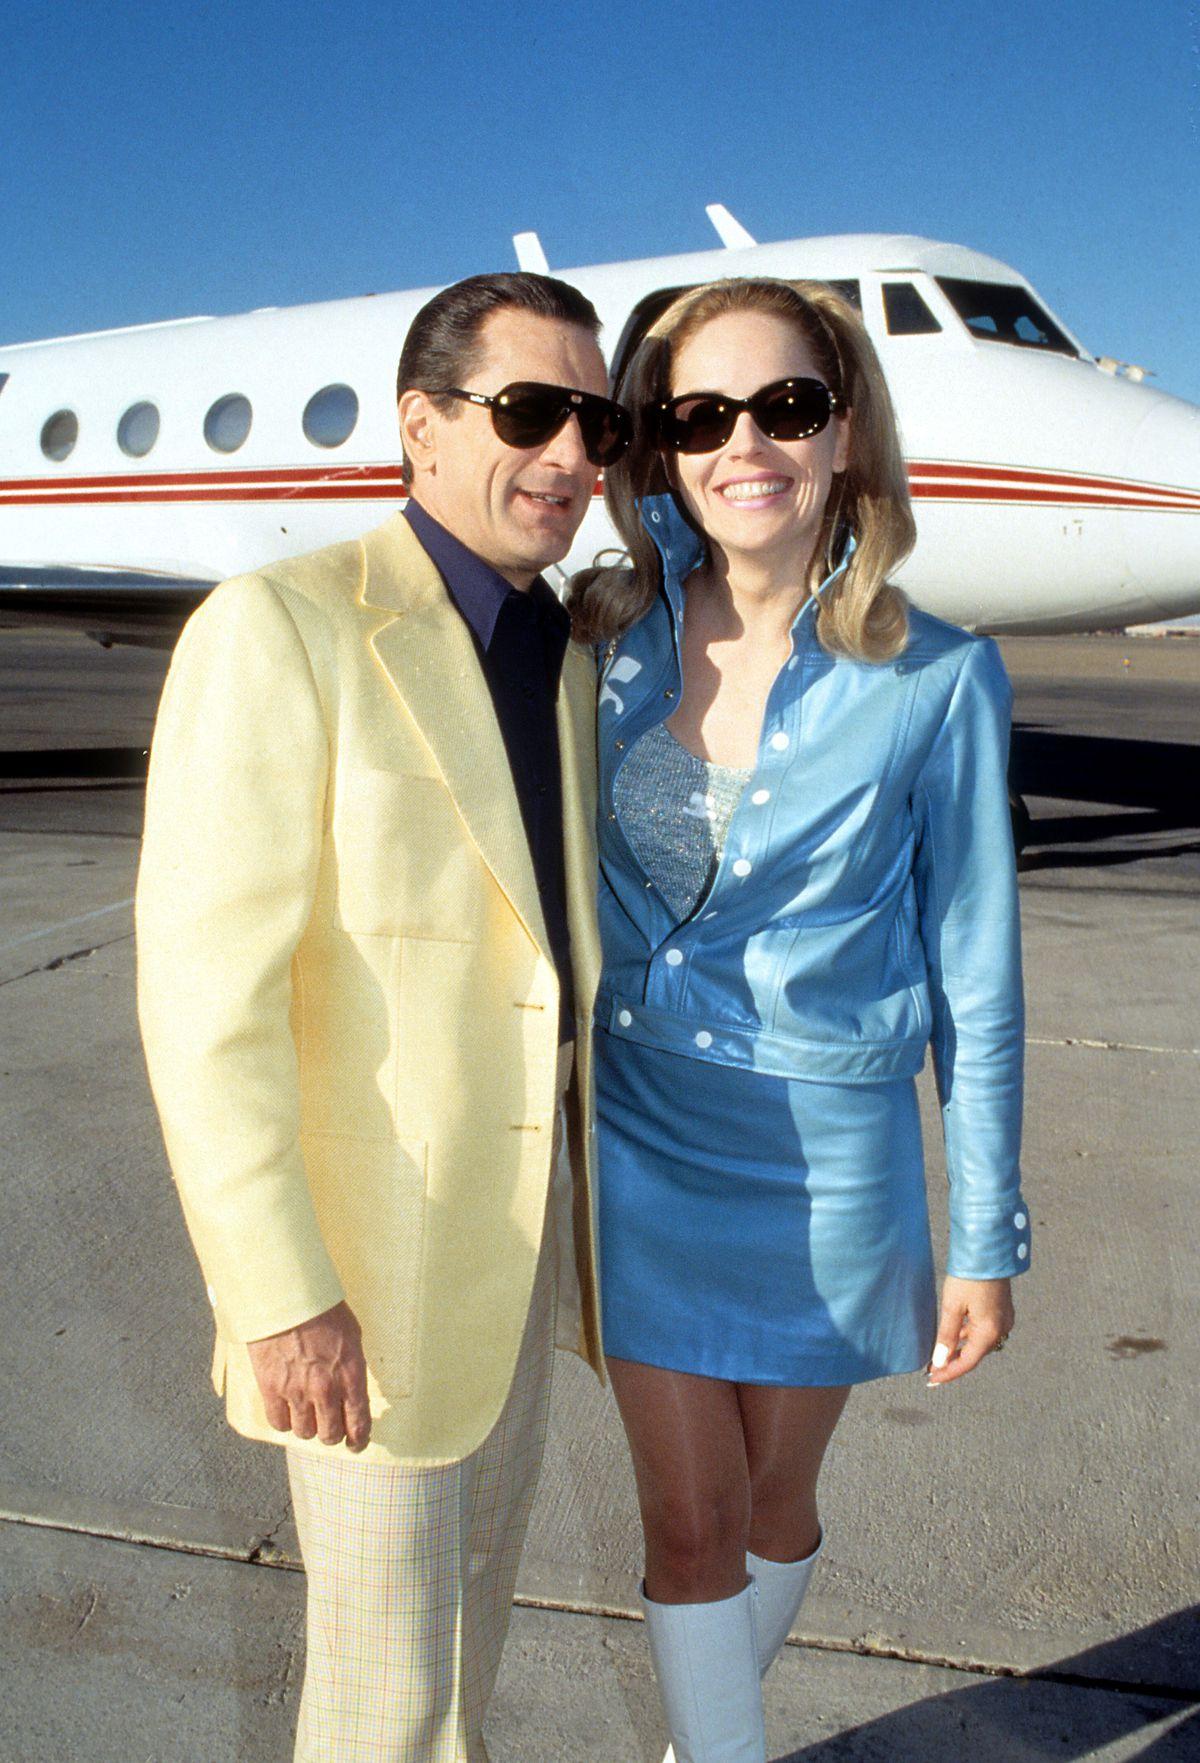 Robert De Niro And Sharon Stone In 'Casino'